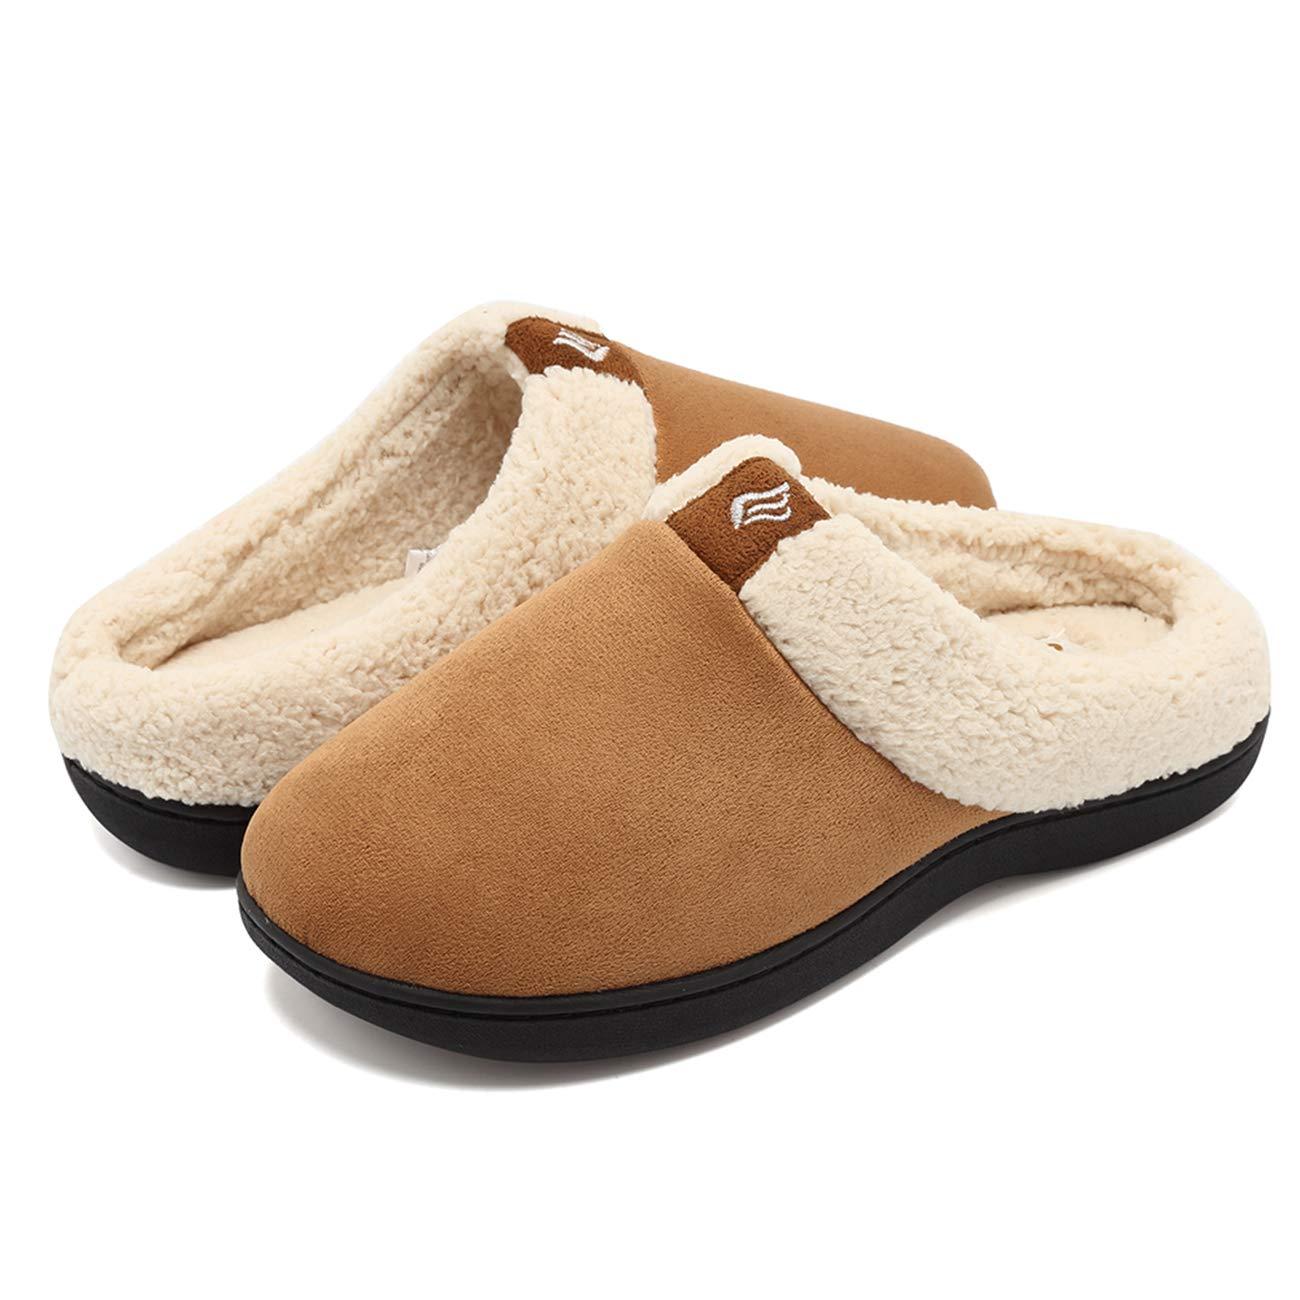 13b0b4de6fda FANTURE Women s Memory Foam Slippers Suede Wool-Like Plush Fleece Lined Slip-on  Clog Scuff House Shoes Indoor   Outdoor-U418WMT024-tan-38.39